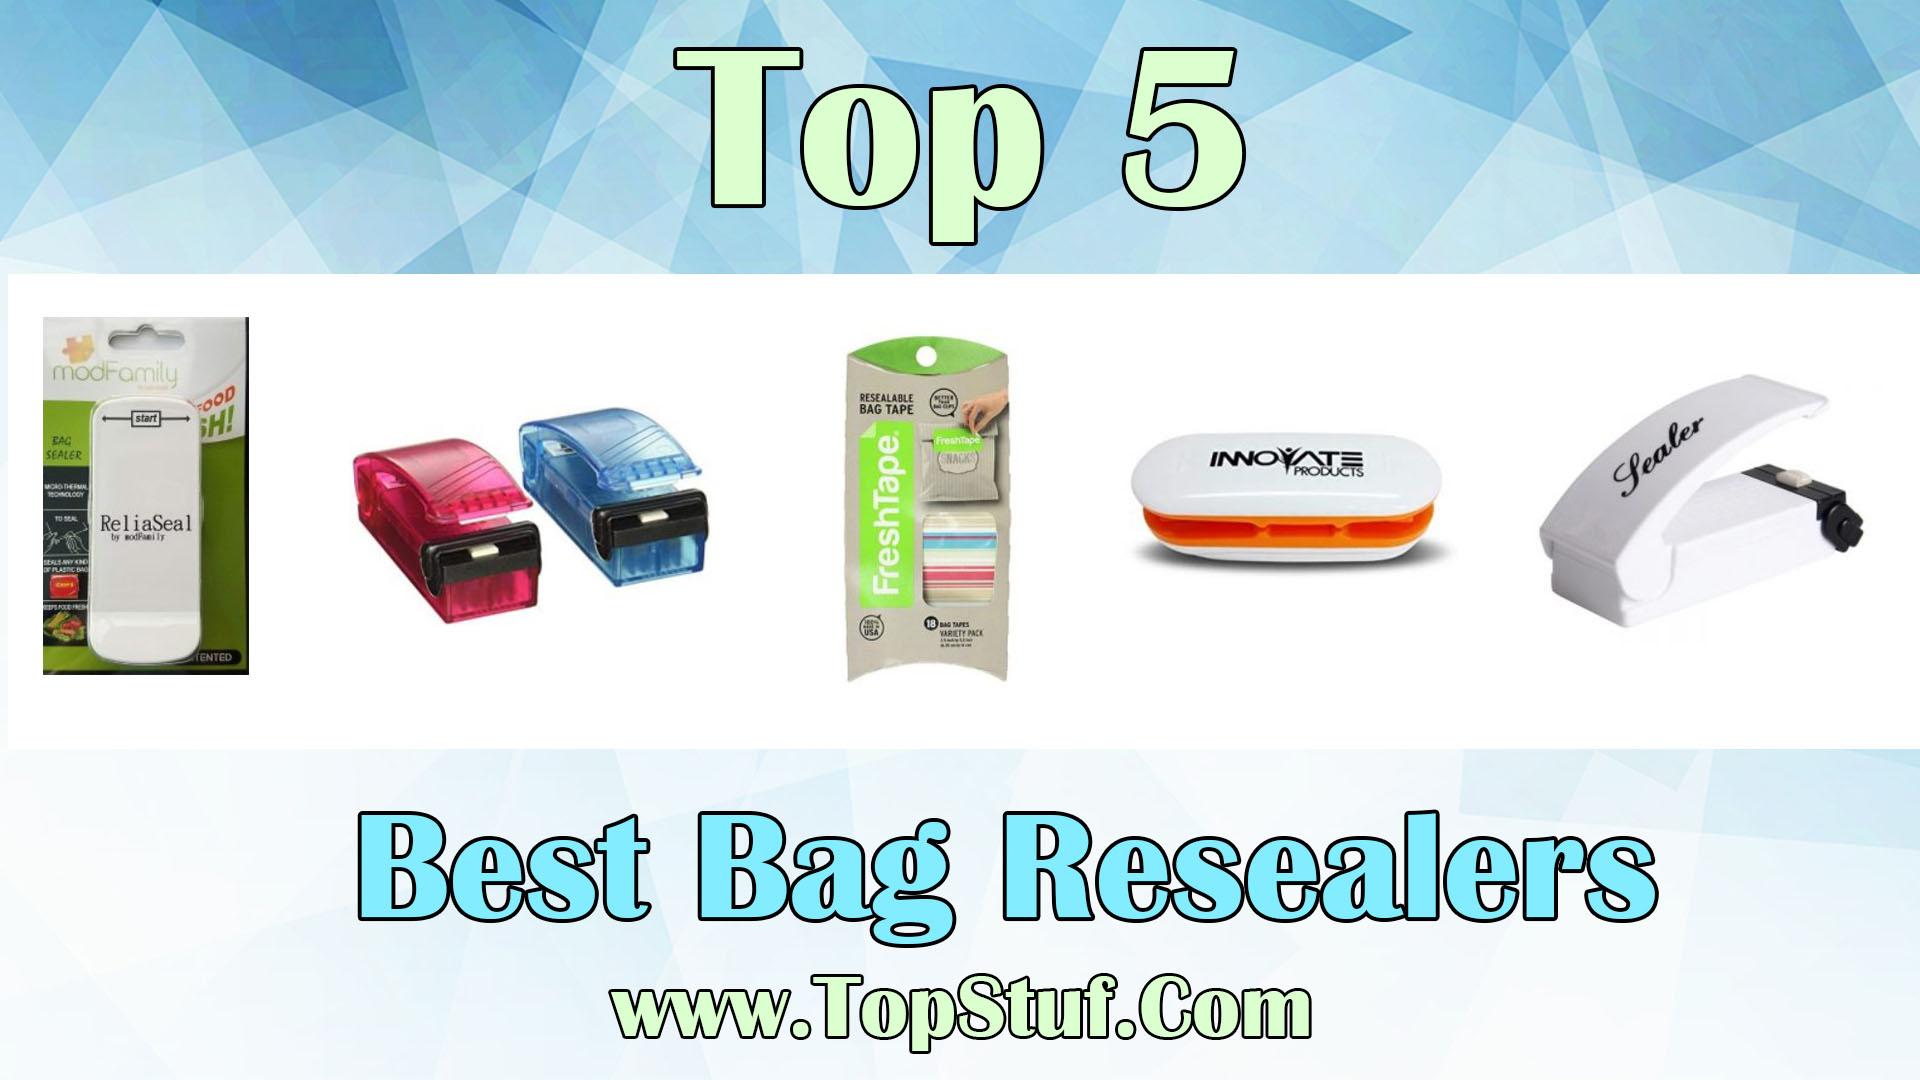 Best Bag Resealers